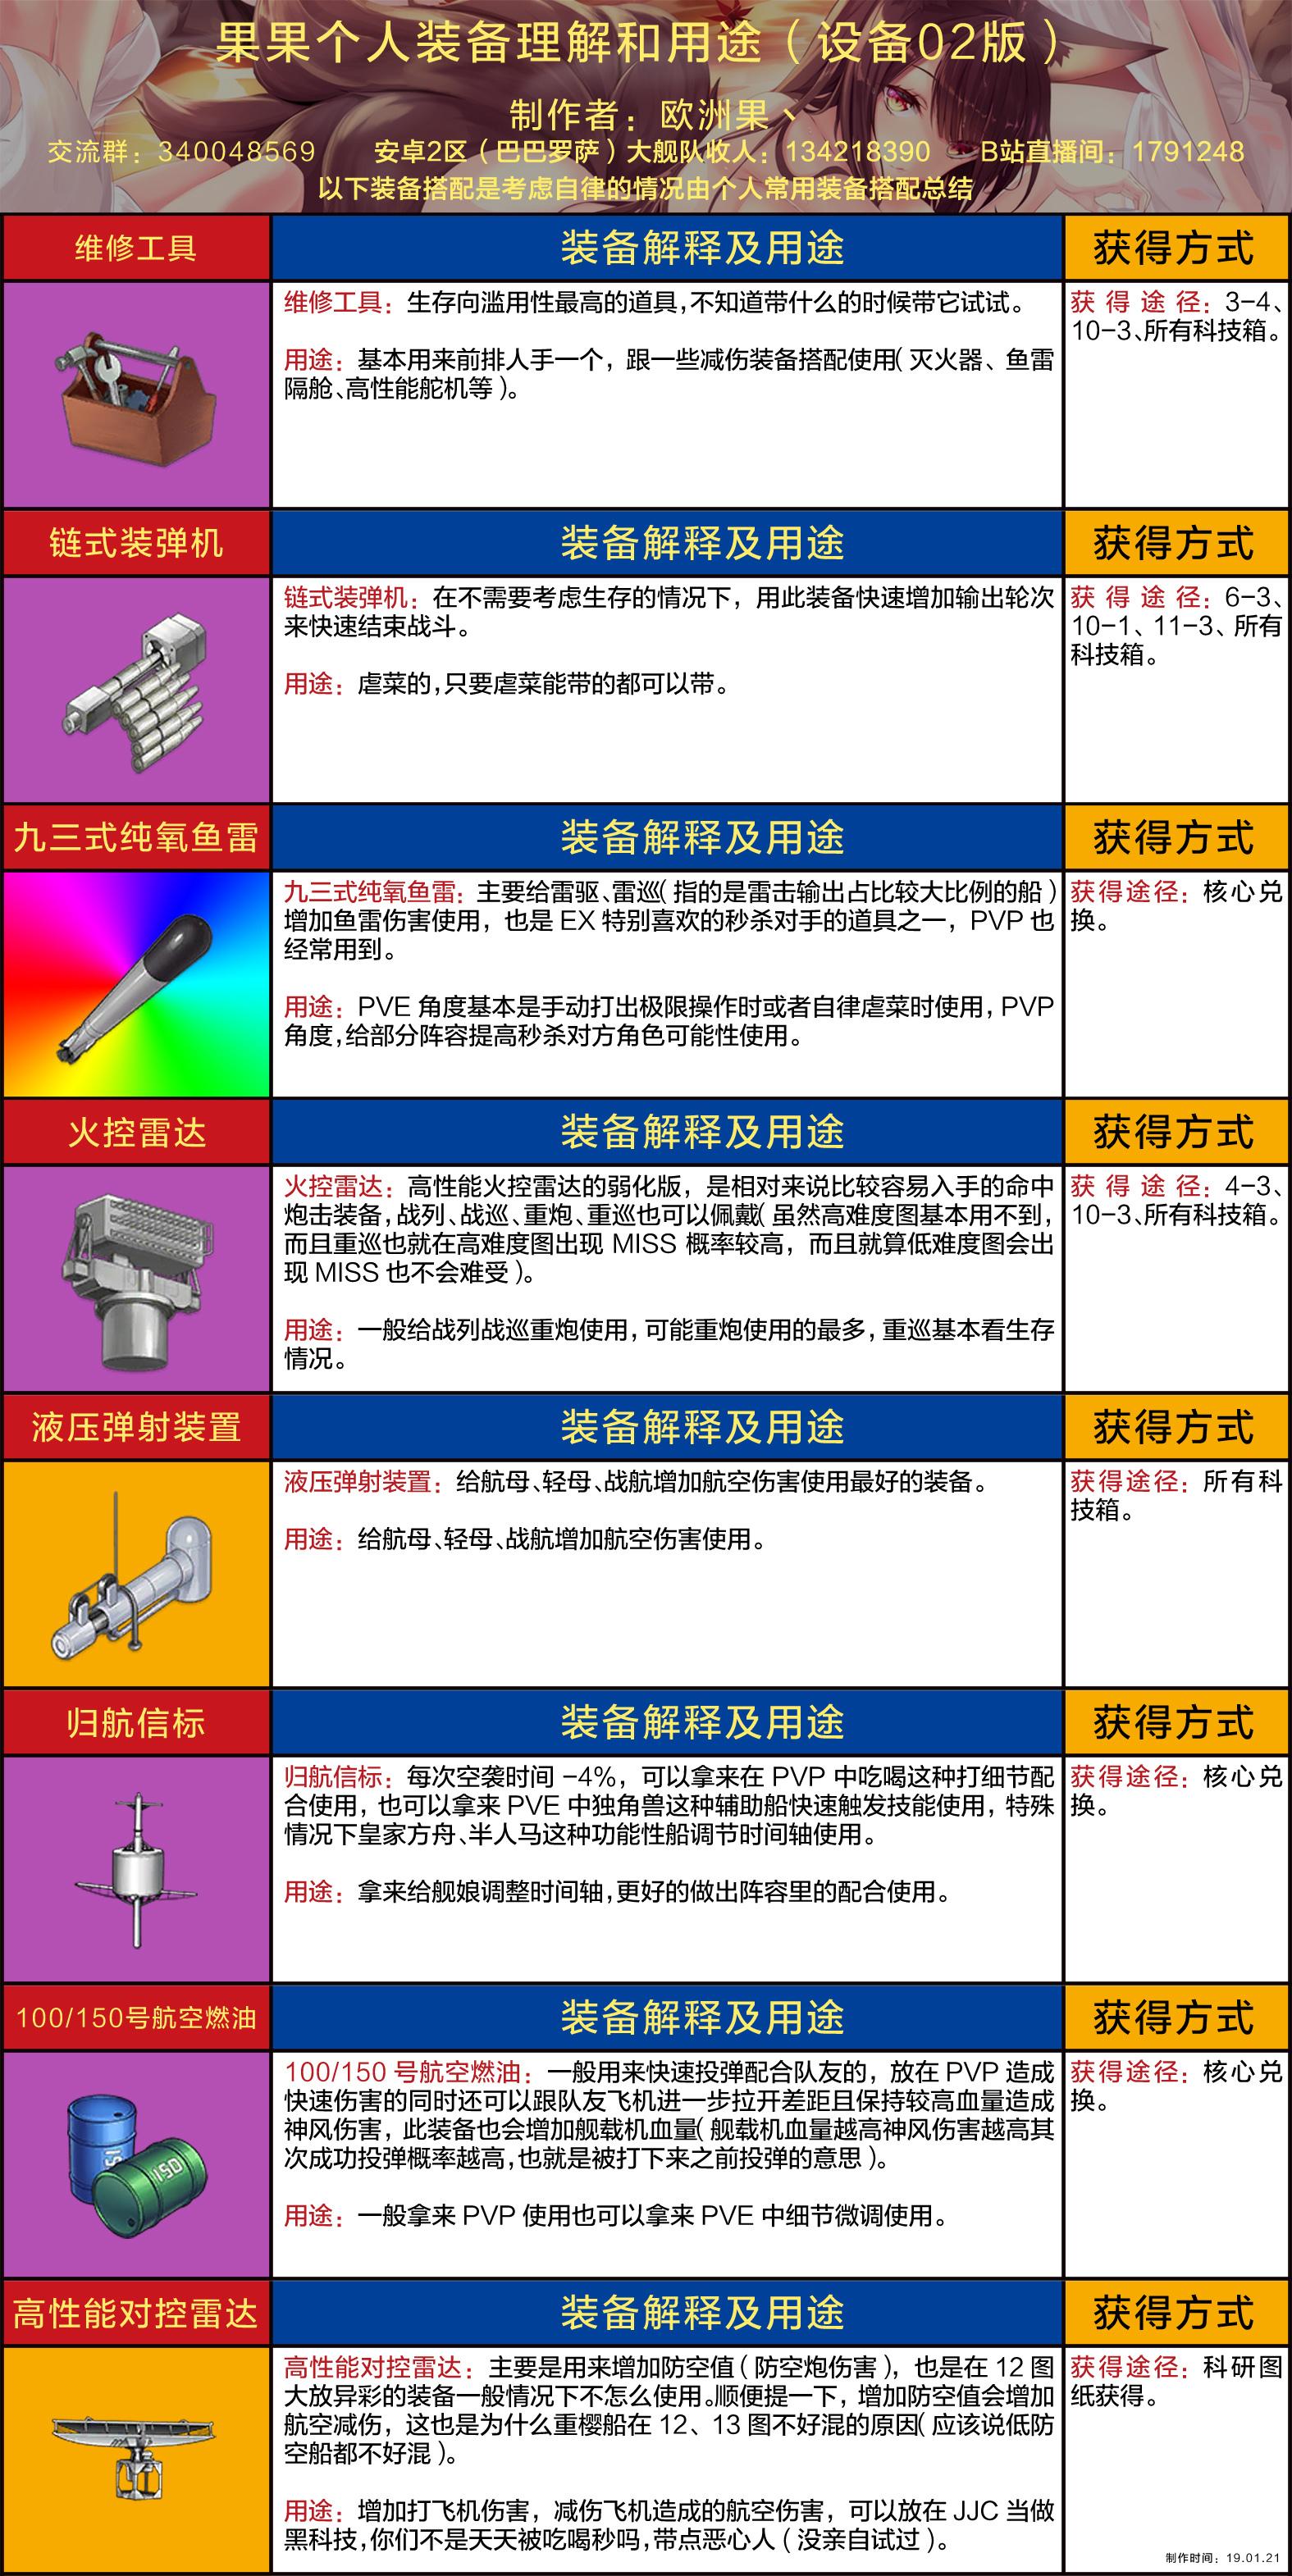 果果个人装备理解和用途(设备02版wiki).jpg